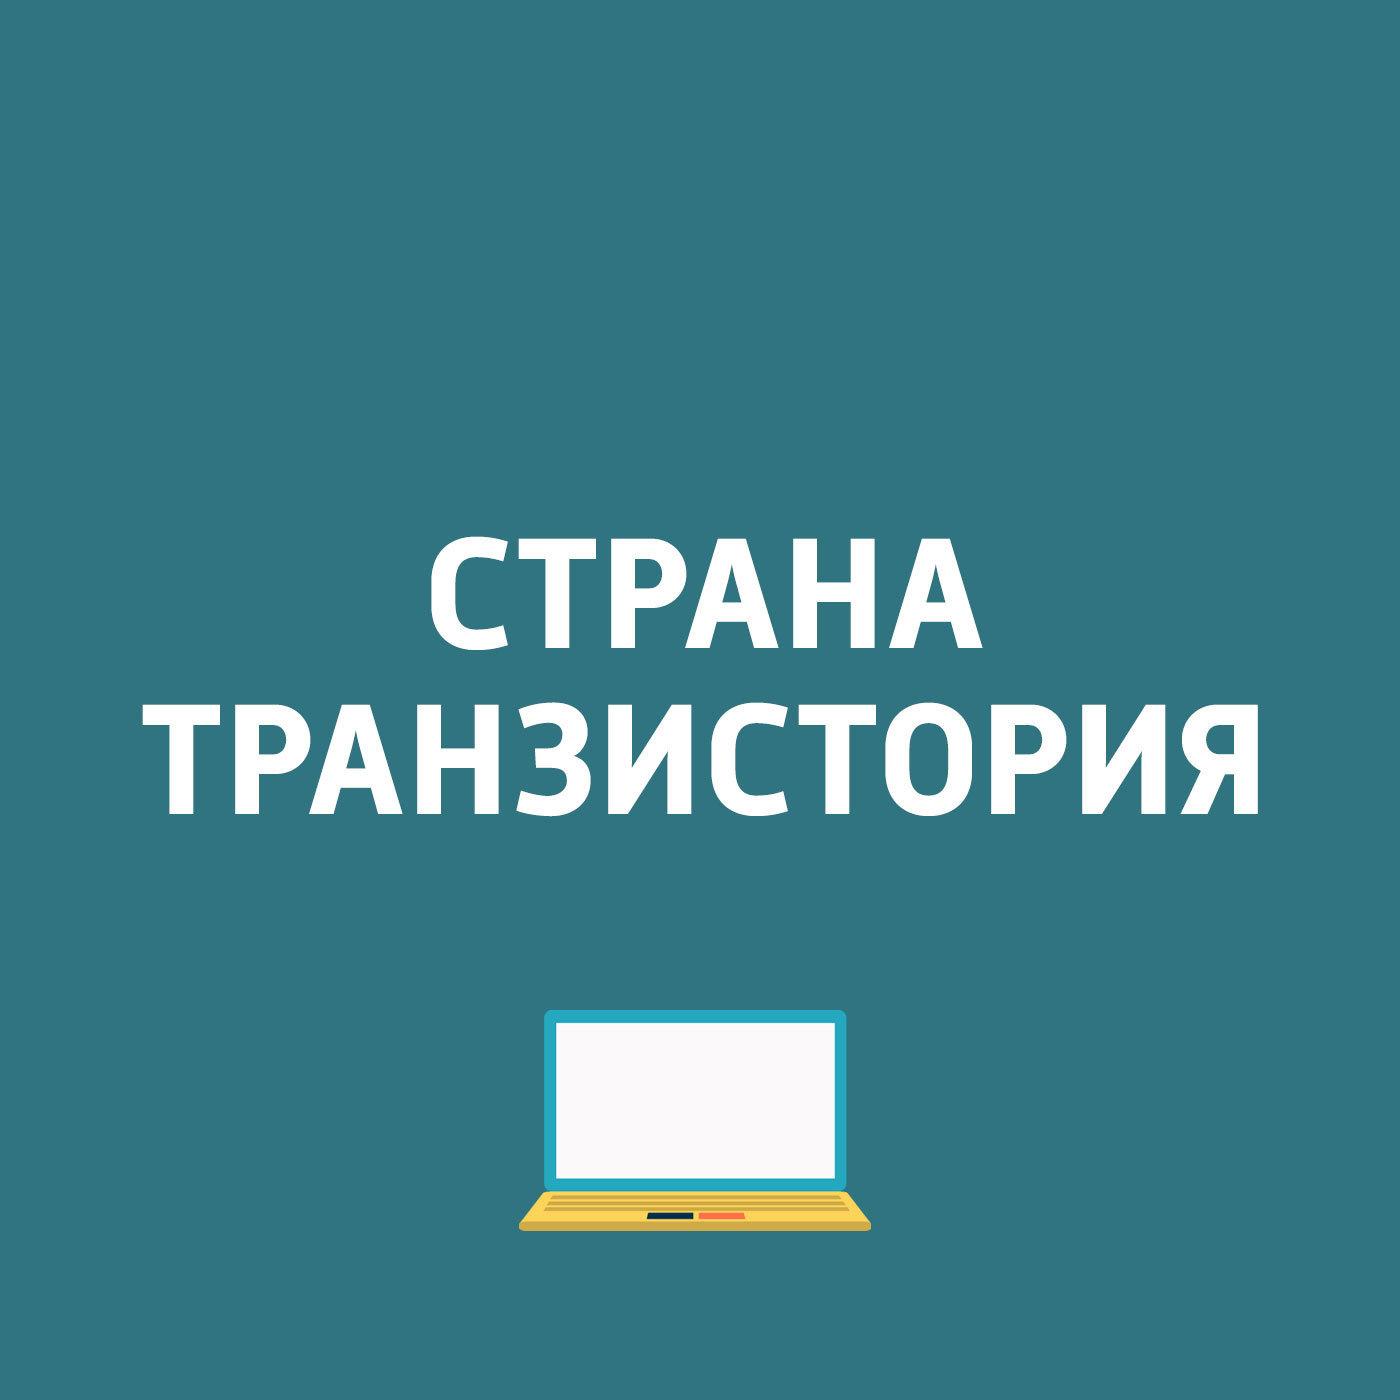 Картаев Павел Разработан робот, который может «просверлить» ткань глаза, не повредив её картаев павел oppo возвращается на российский рынок